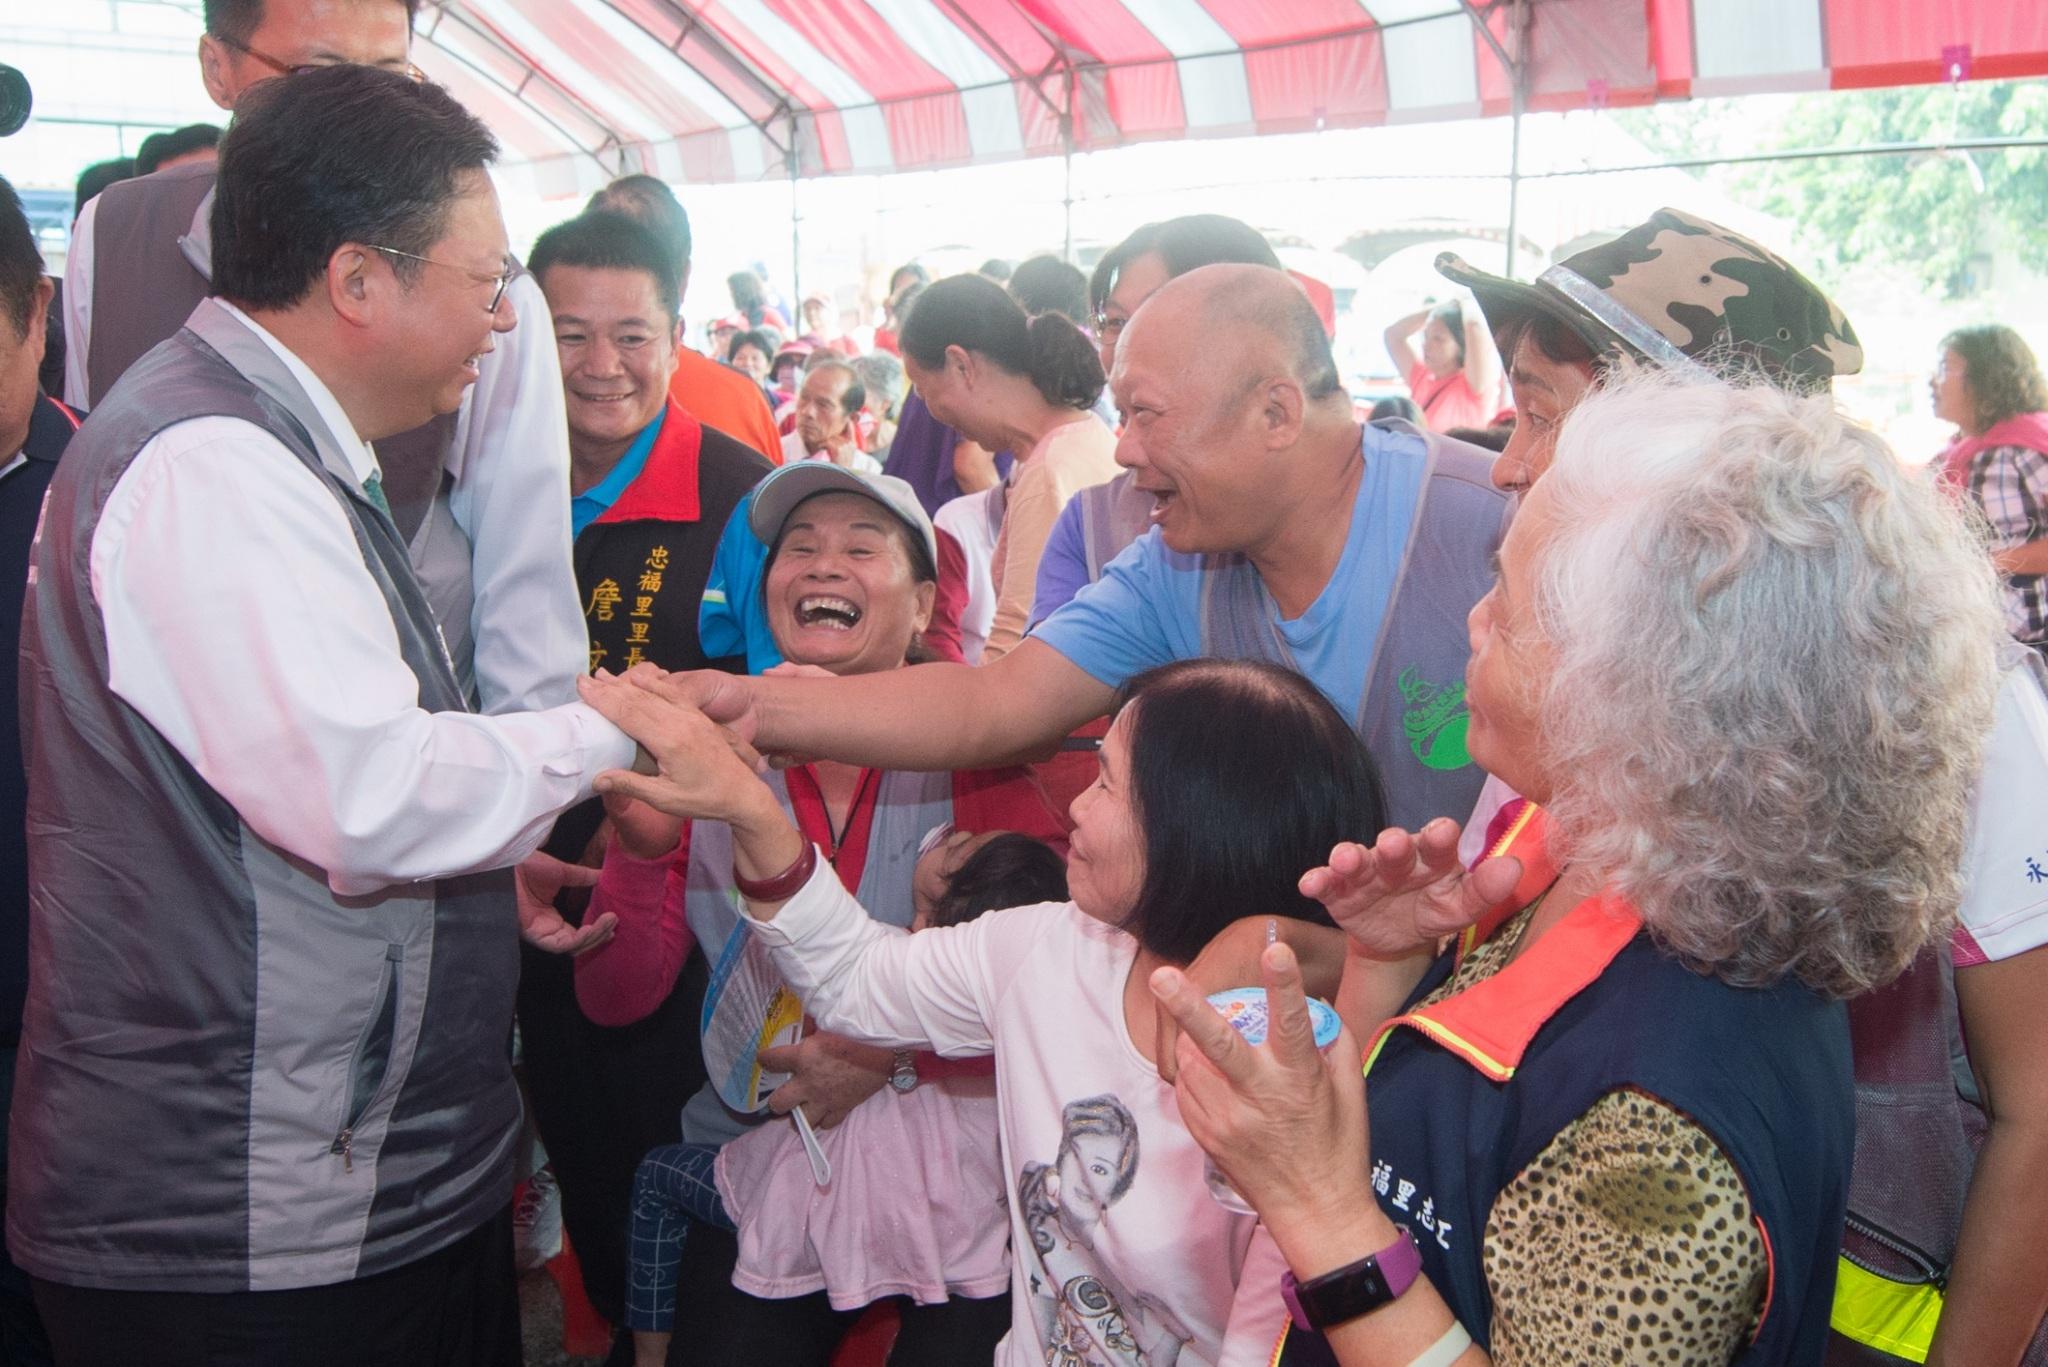 市長與市民握手致意